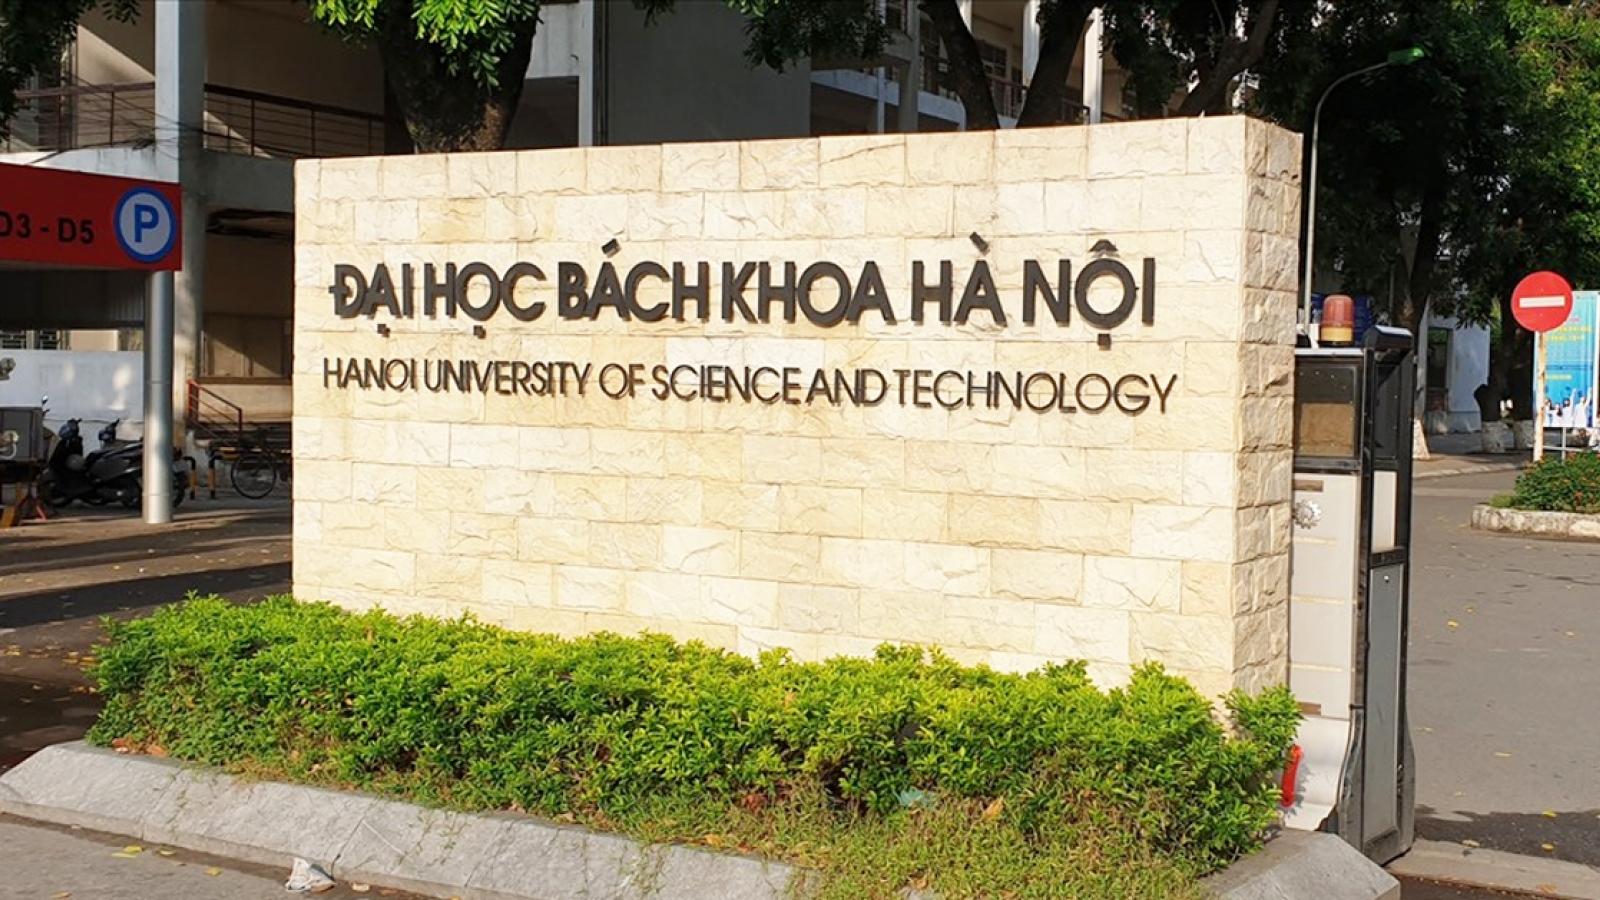 ĐH Bách khoa Hà Nội dự báo điểm chuẩn 2021: Ngành Công nghệ thông tin có thể tới 29 điểm